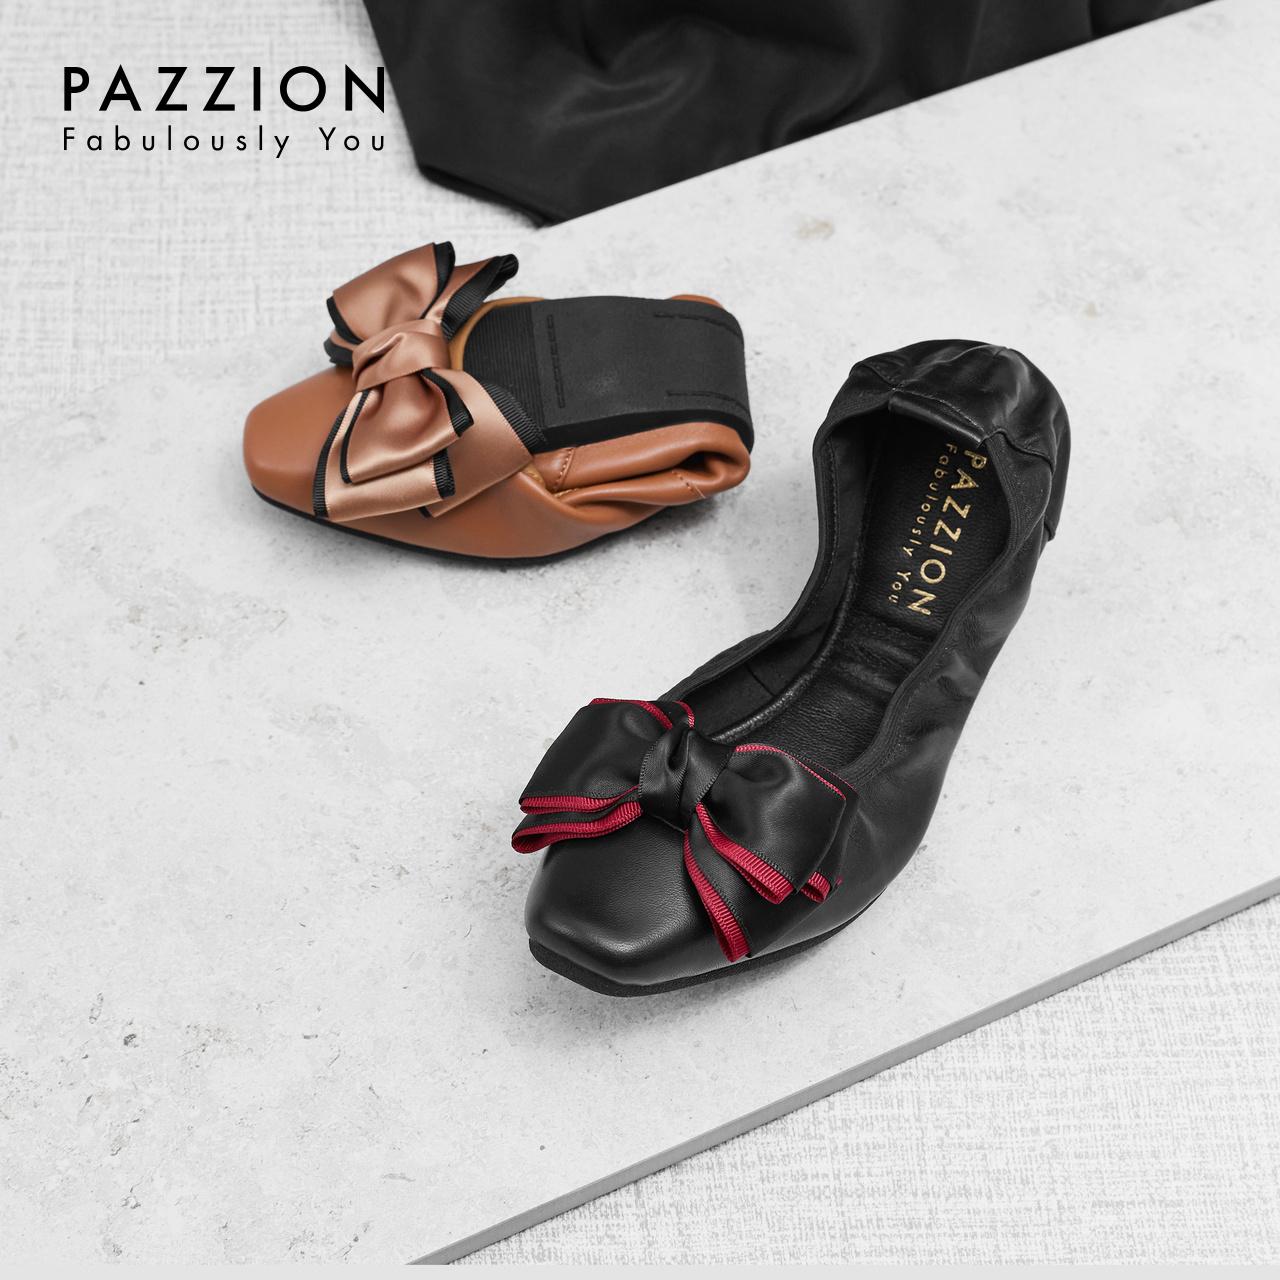 PAZZION休闲舒适羊皮软底方头平底鞋 优雅丝绸拼色蝴蝶结浅口单鞋